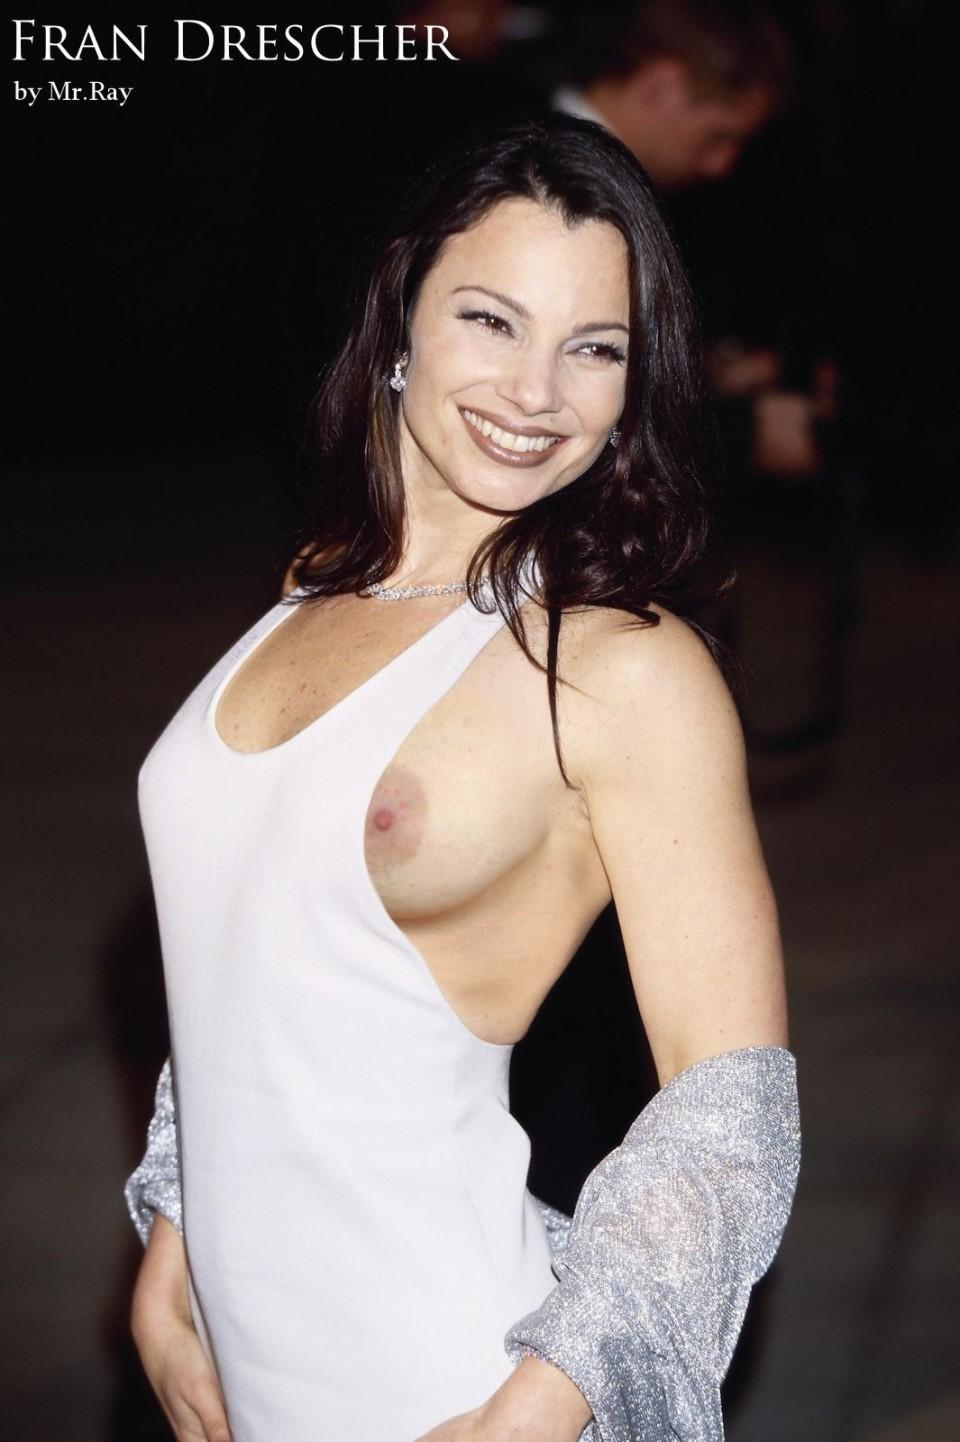 Fran Drescher Nudes